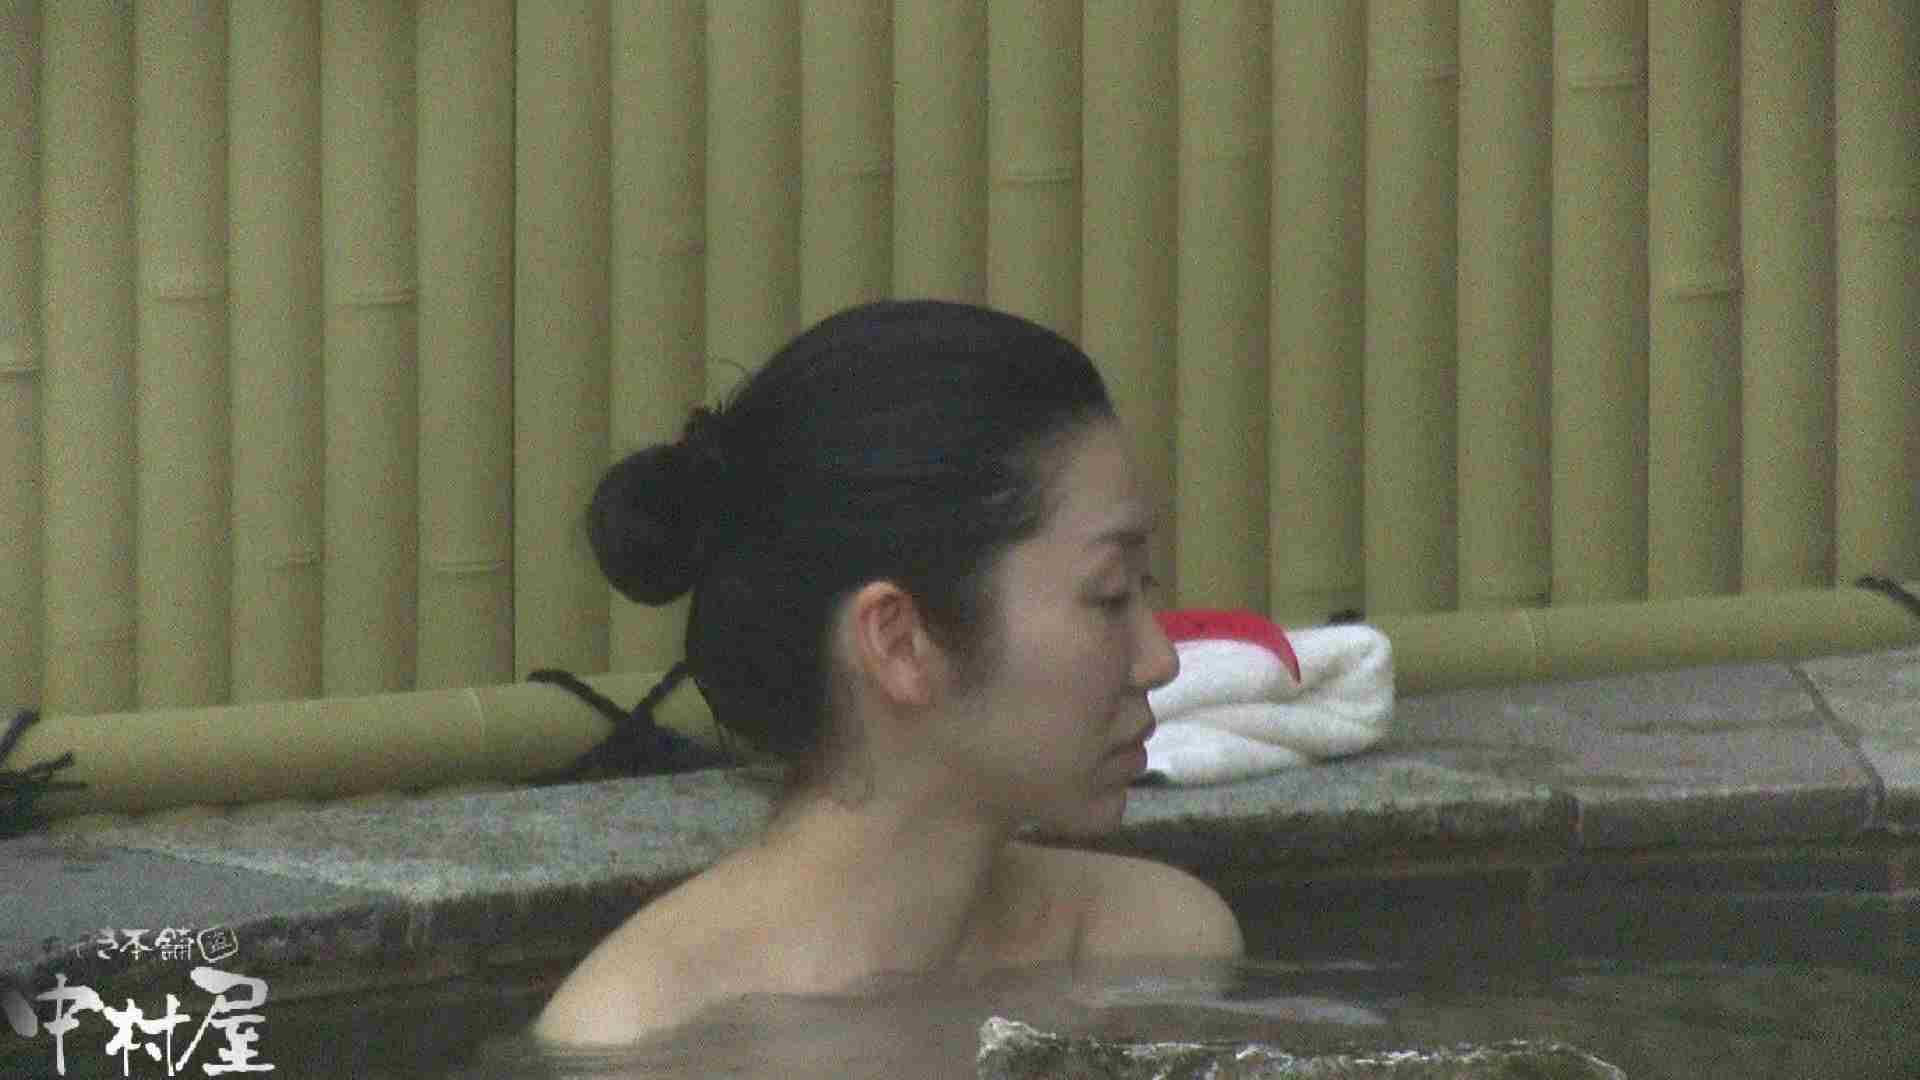 Aquaな露天風呂Vol.917 盗撮シリーズ  108PIX 74